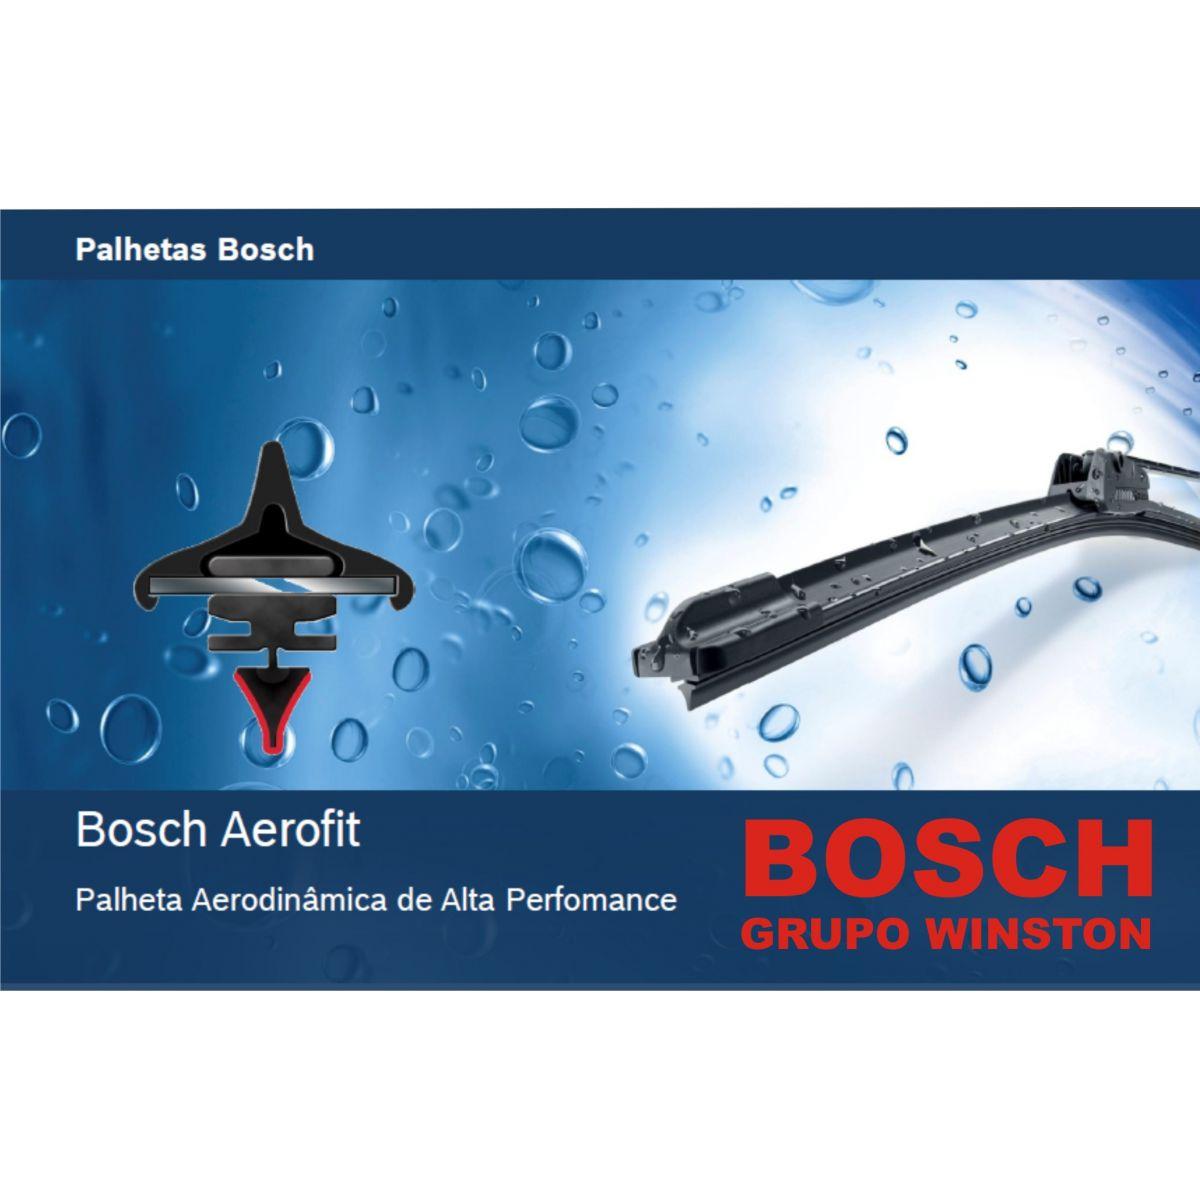 Palheta Bosch Aerofit Limpador de para brisa Bosch Honda CRV 2007 em diante